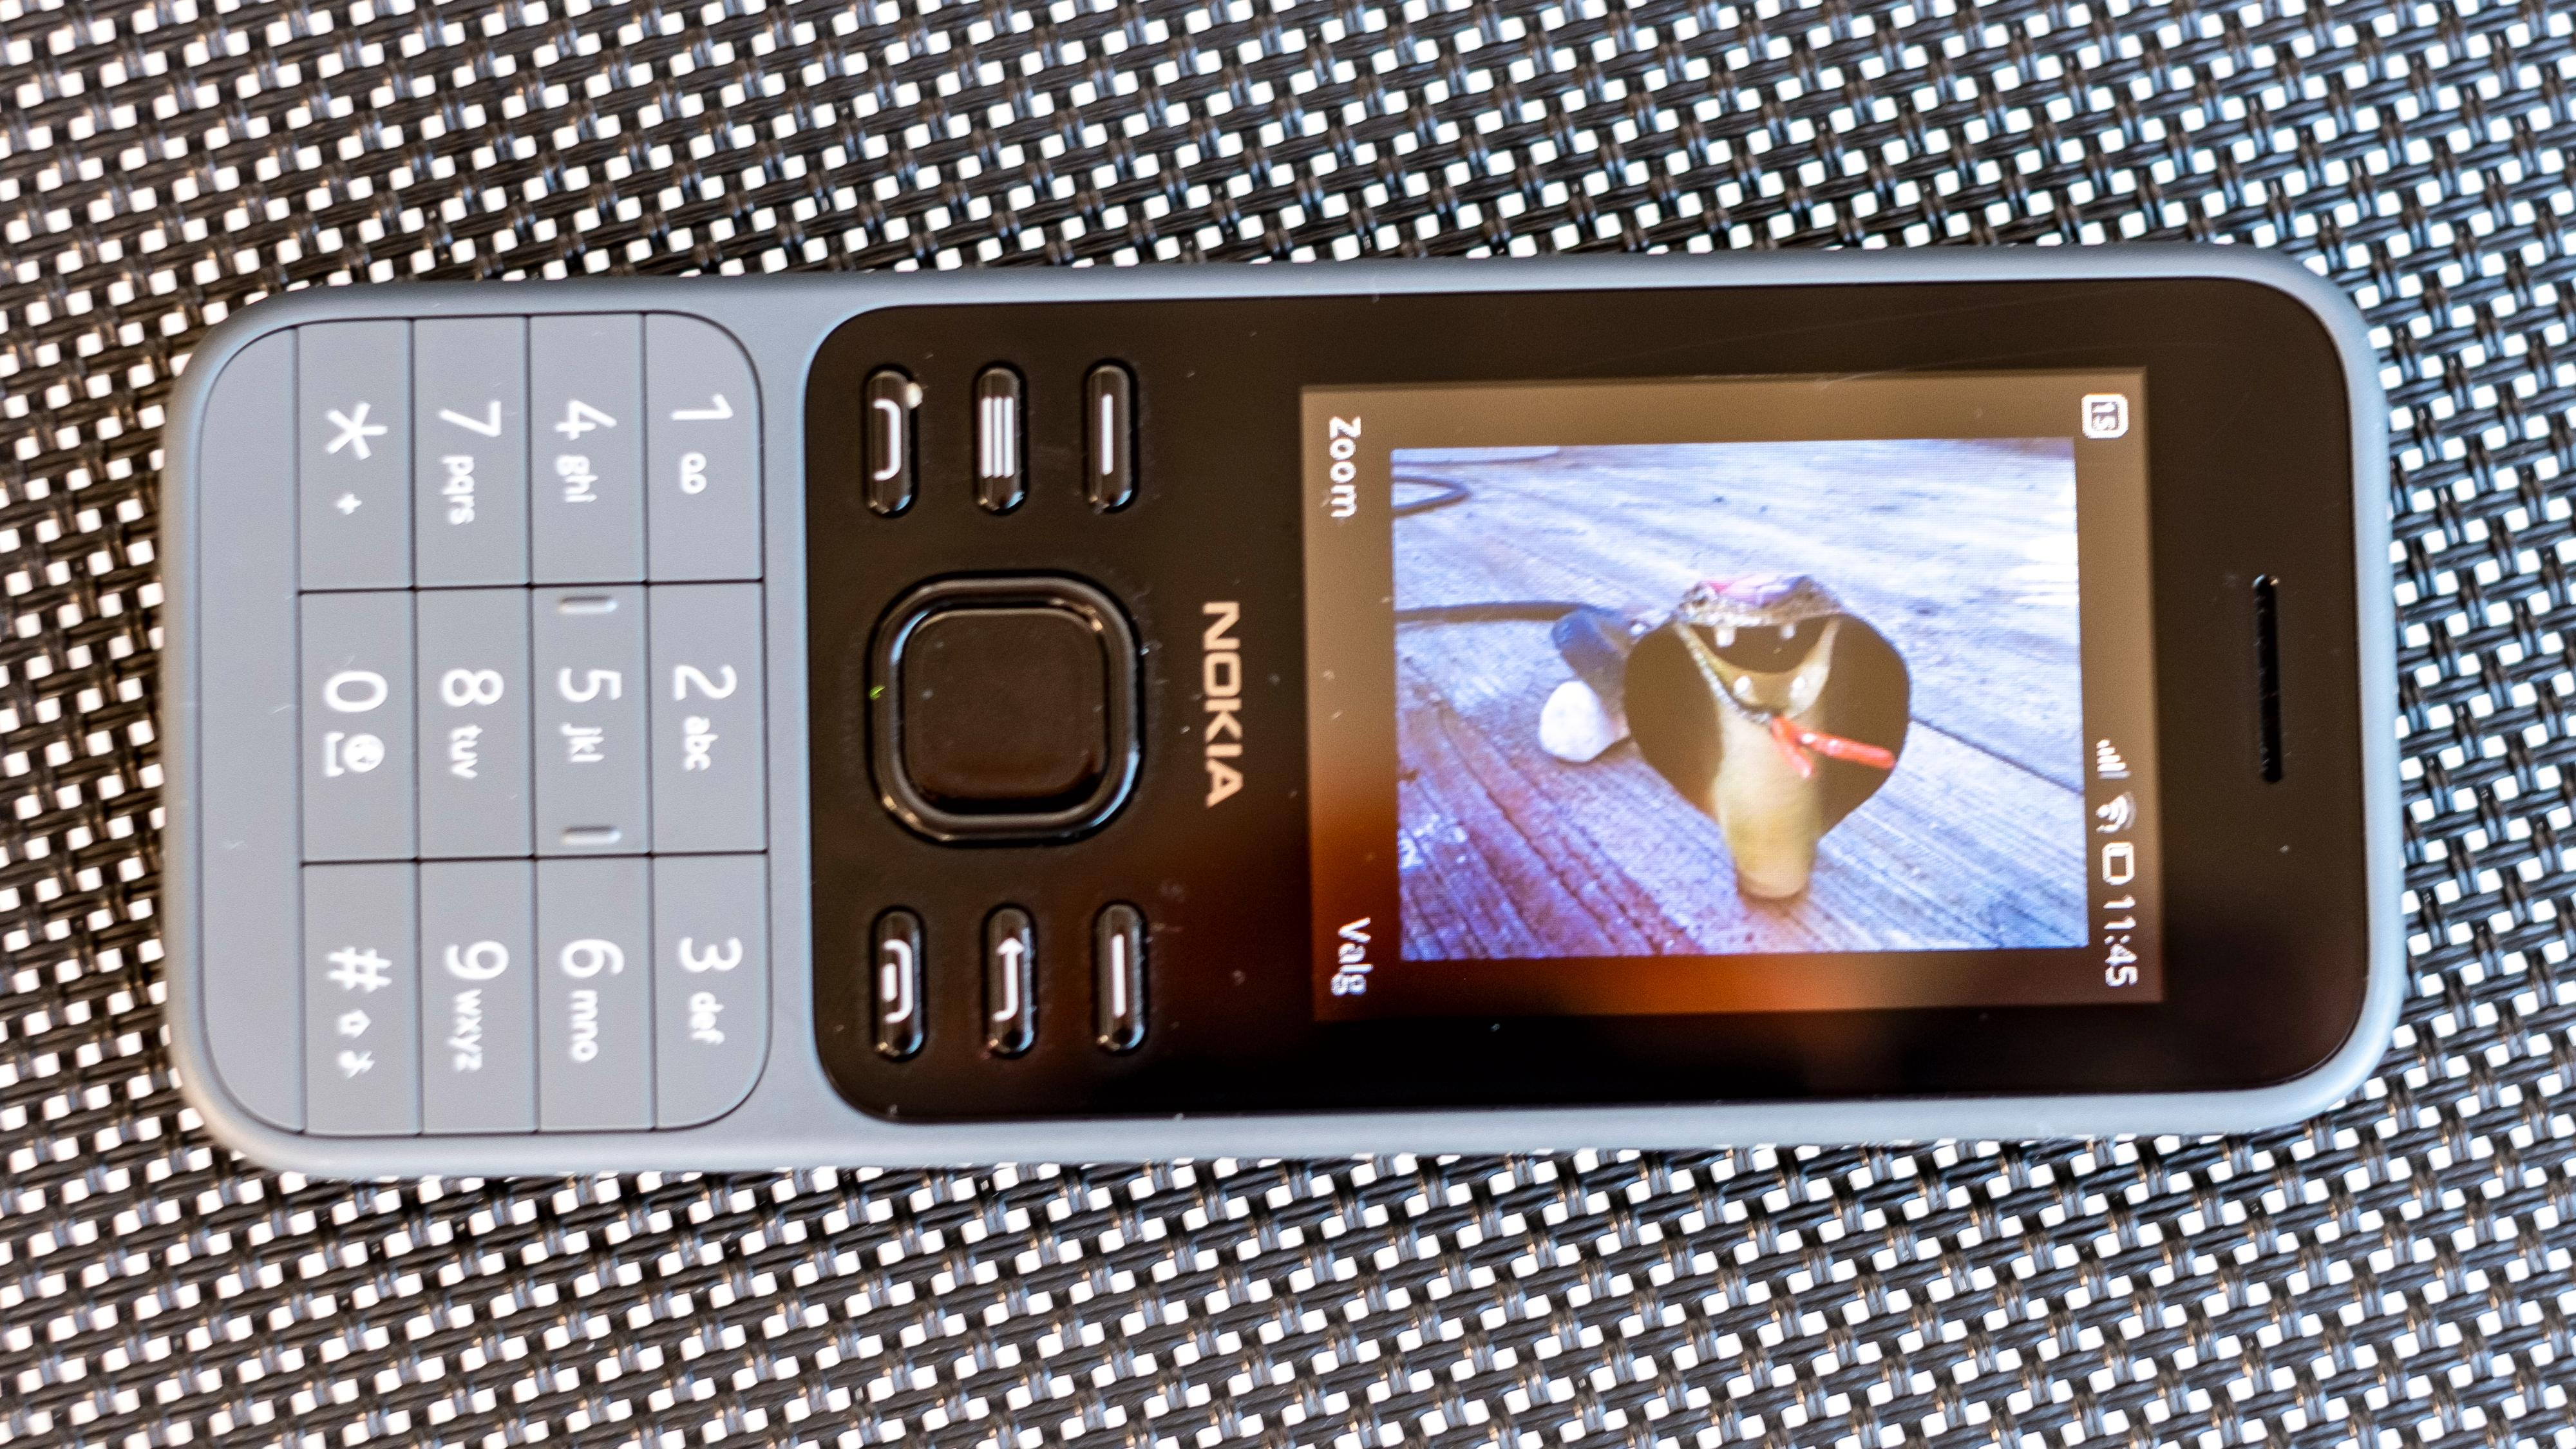 Å få et tydelig fokusert bilde av skjermen på Nokia 6300 er tidvis vanskelig. Den er for lite lyssterk, og har et litt blast plastdekke over seg. Men slik ser den ut fra best mulige vinkel. Telefonen har forøvrig Snake-spill - dette er dog kun et bilde av en skremmeslange mot fugler i hagen.